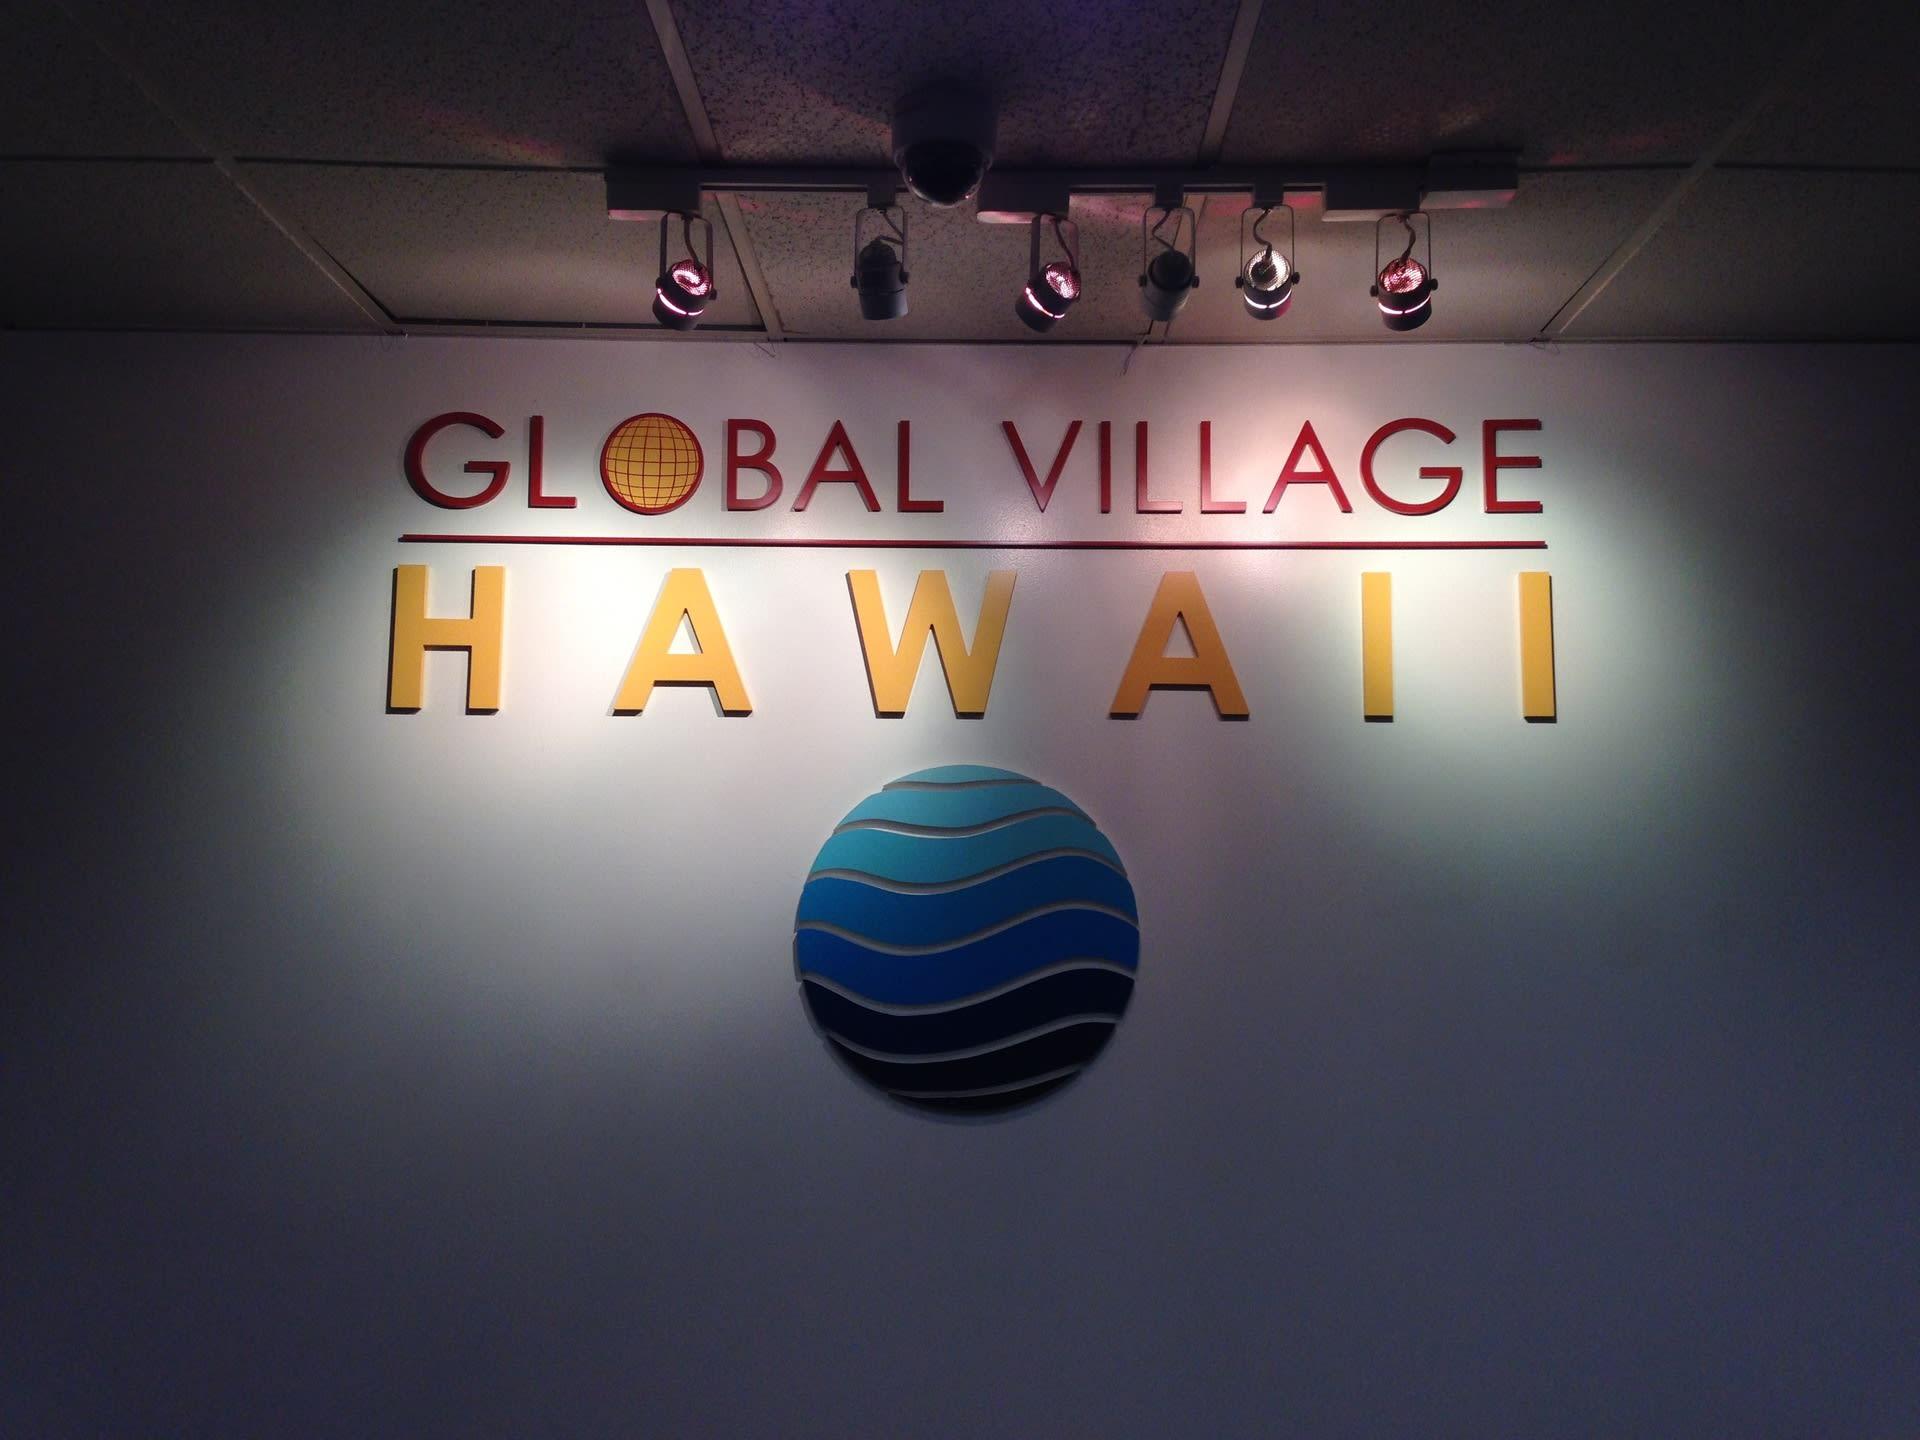 ハワイビジネスの宣伝 販促はアロハストリート ロックス